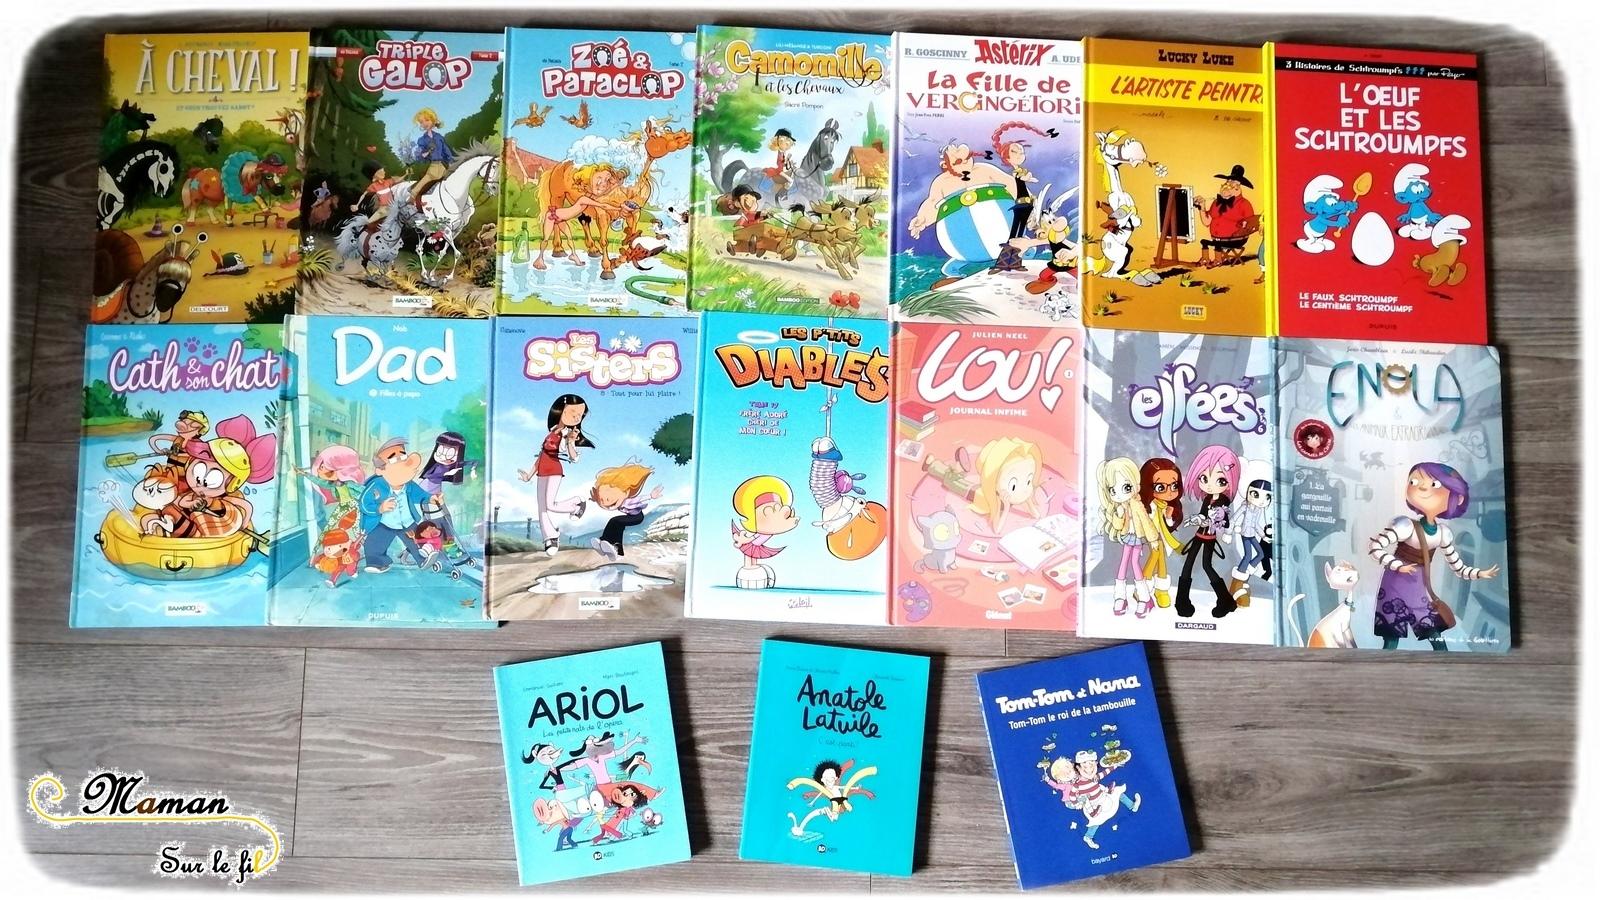 Les Bd Preferees De Ma Fille De 9 Ans Lecture Maman Sur Le Fil